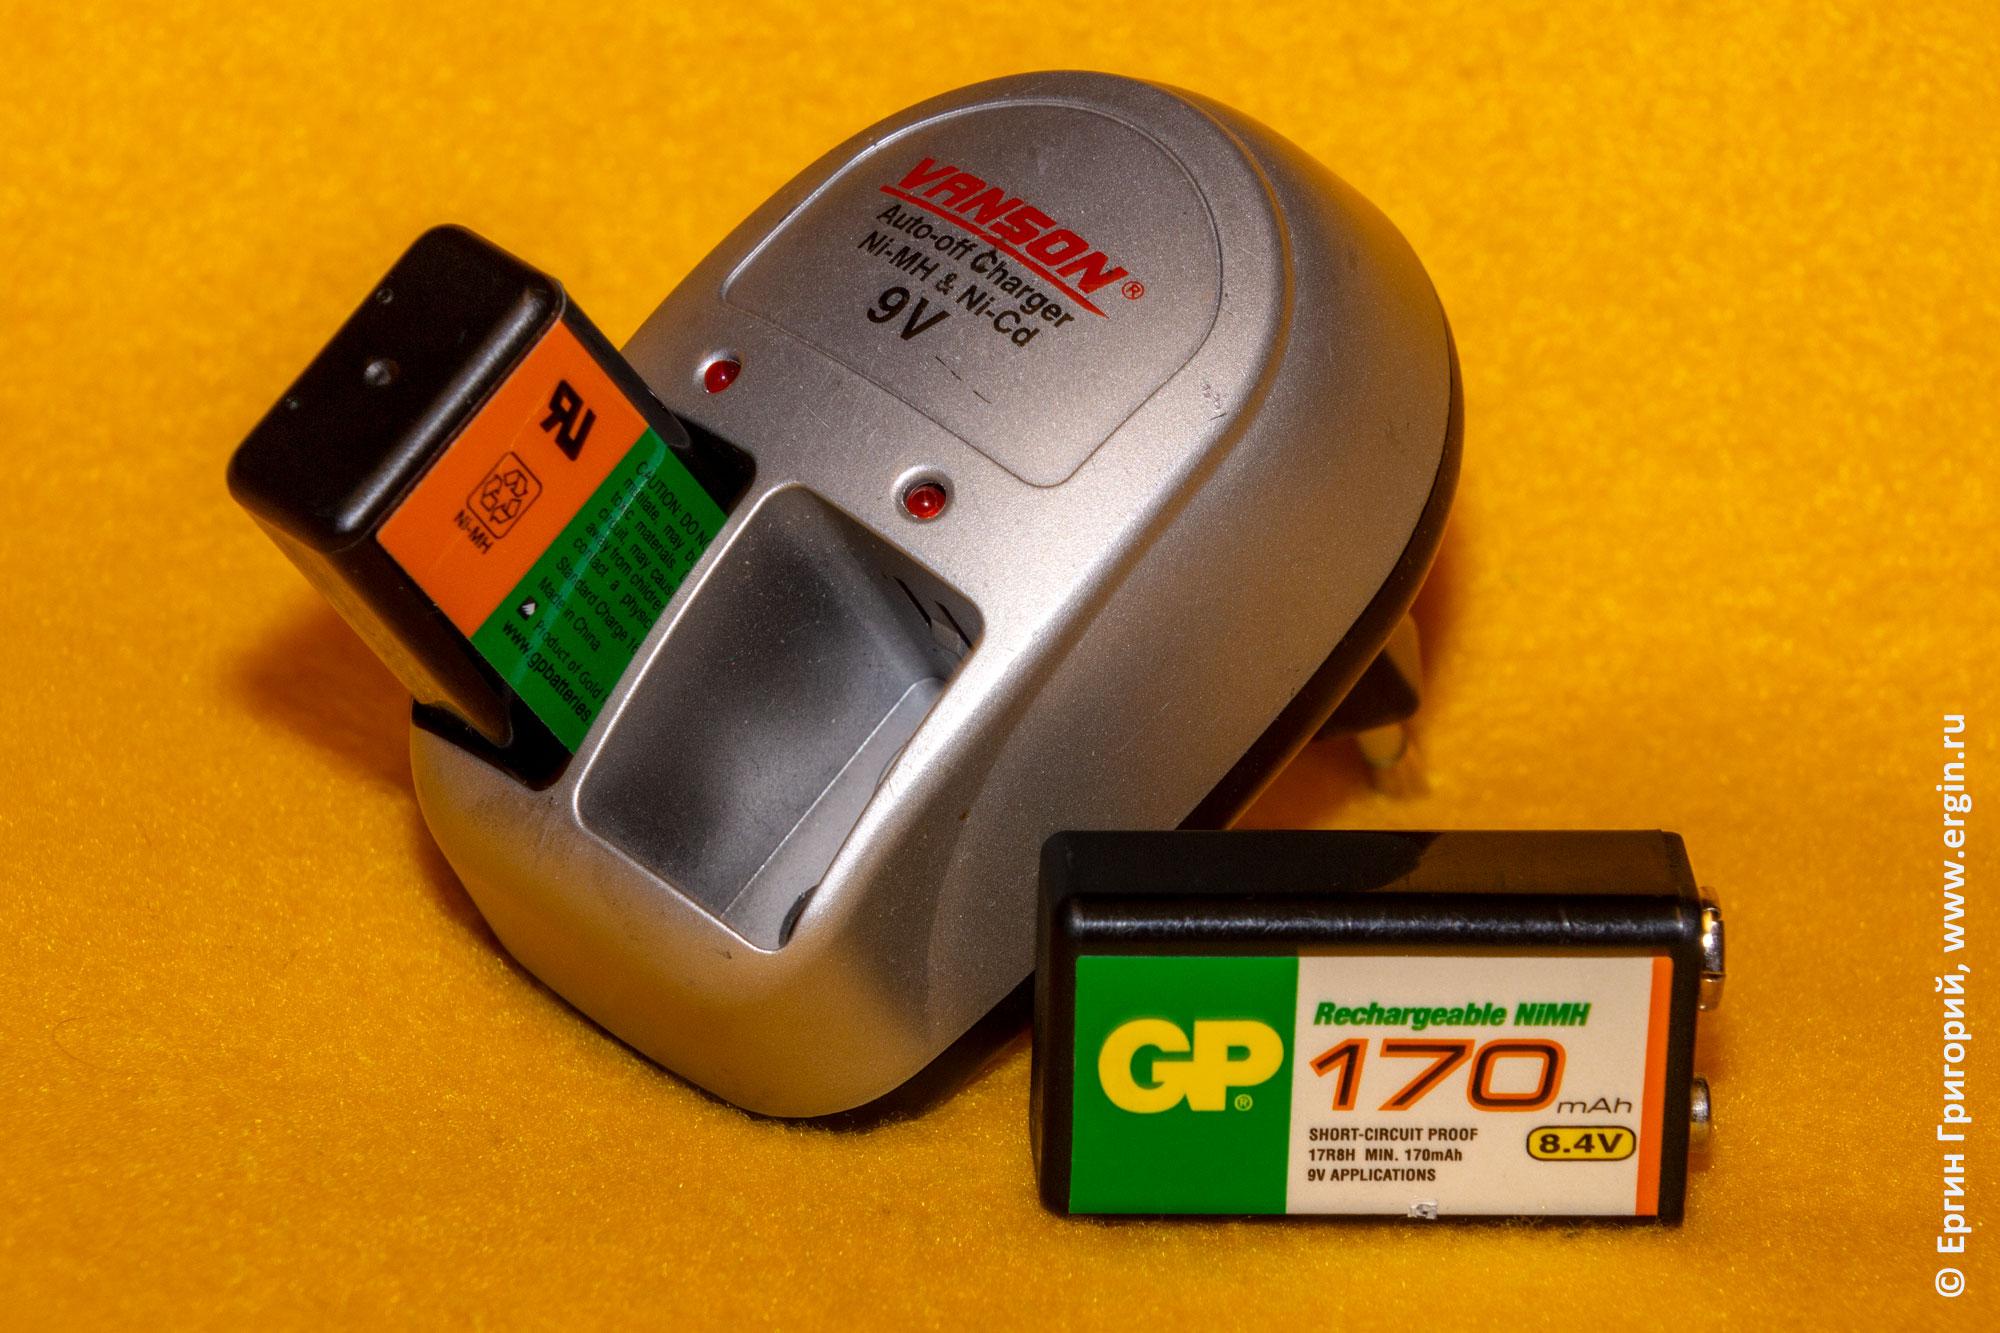 Аккумуляторы типа крона GP NiMH 8,4В 170 мАч и зарядное устройство